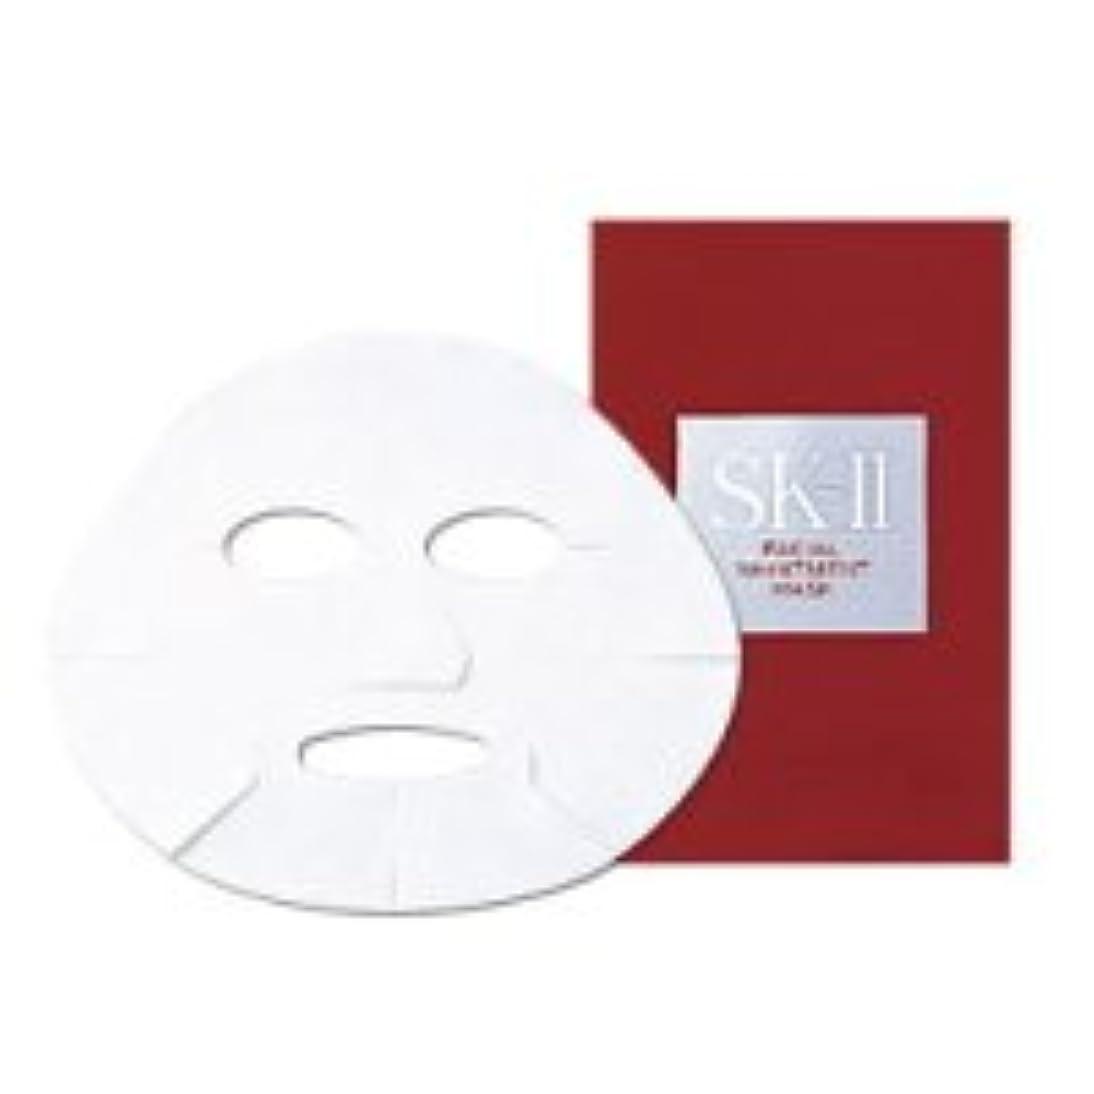 浸食アマゾンジャングルペリスコープSK-2マスク フェイシャルトリートメント マスク6枚 ( SK-II ) 【並行輸入品】